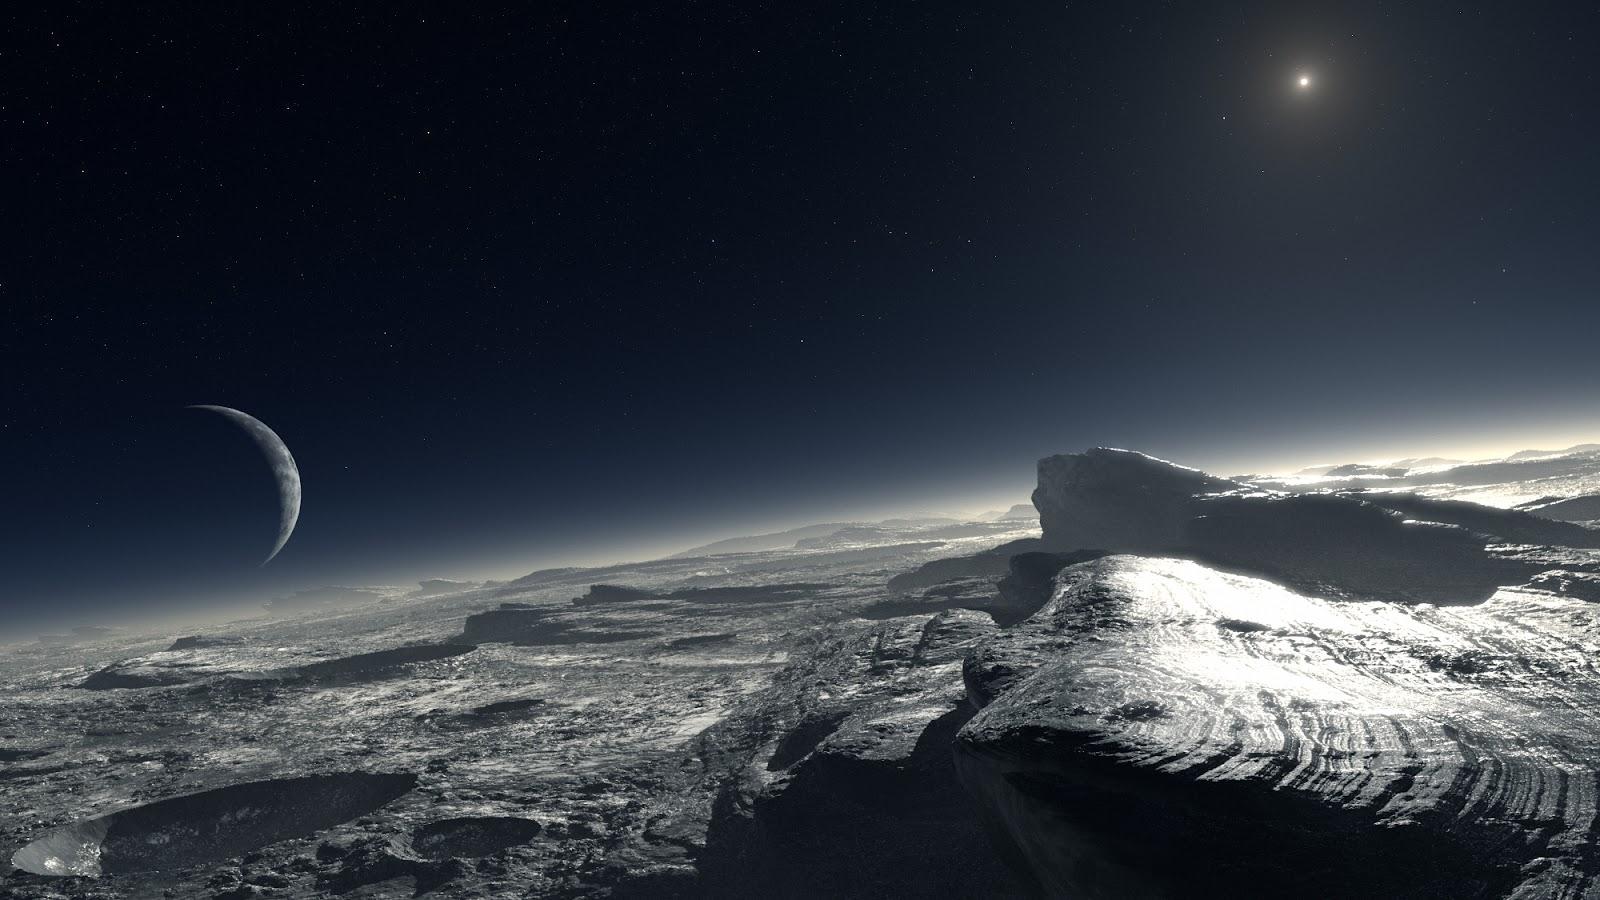 ESO-L._Calçada_-_Pluto_(by).jpg